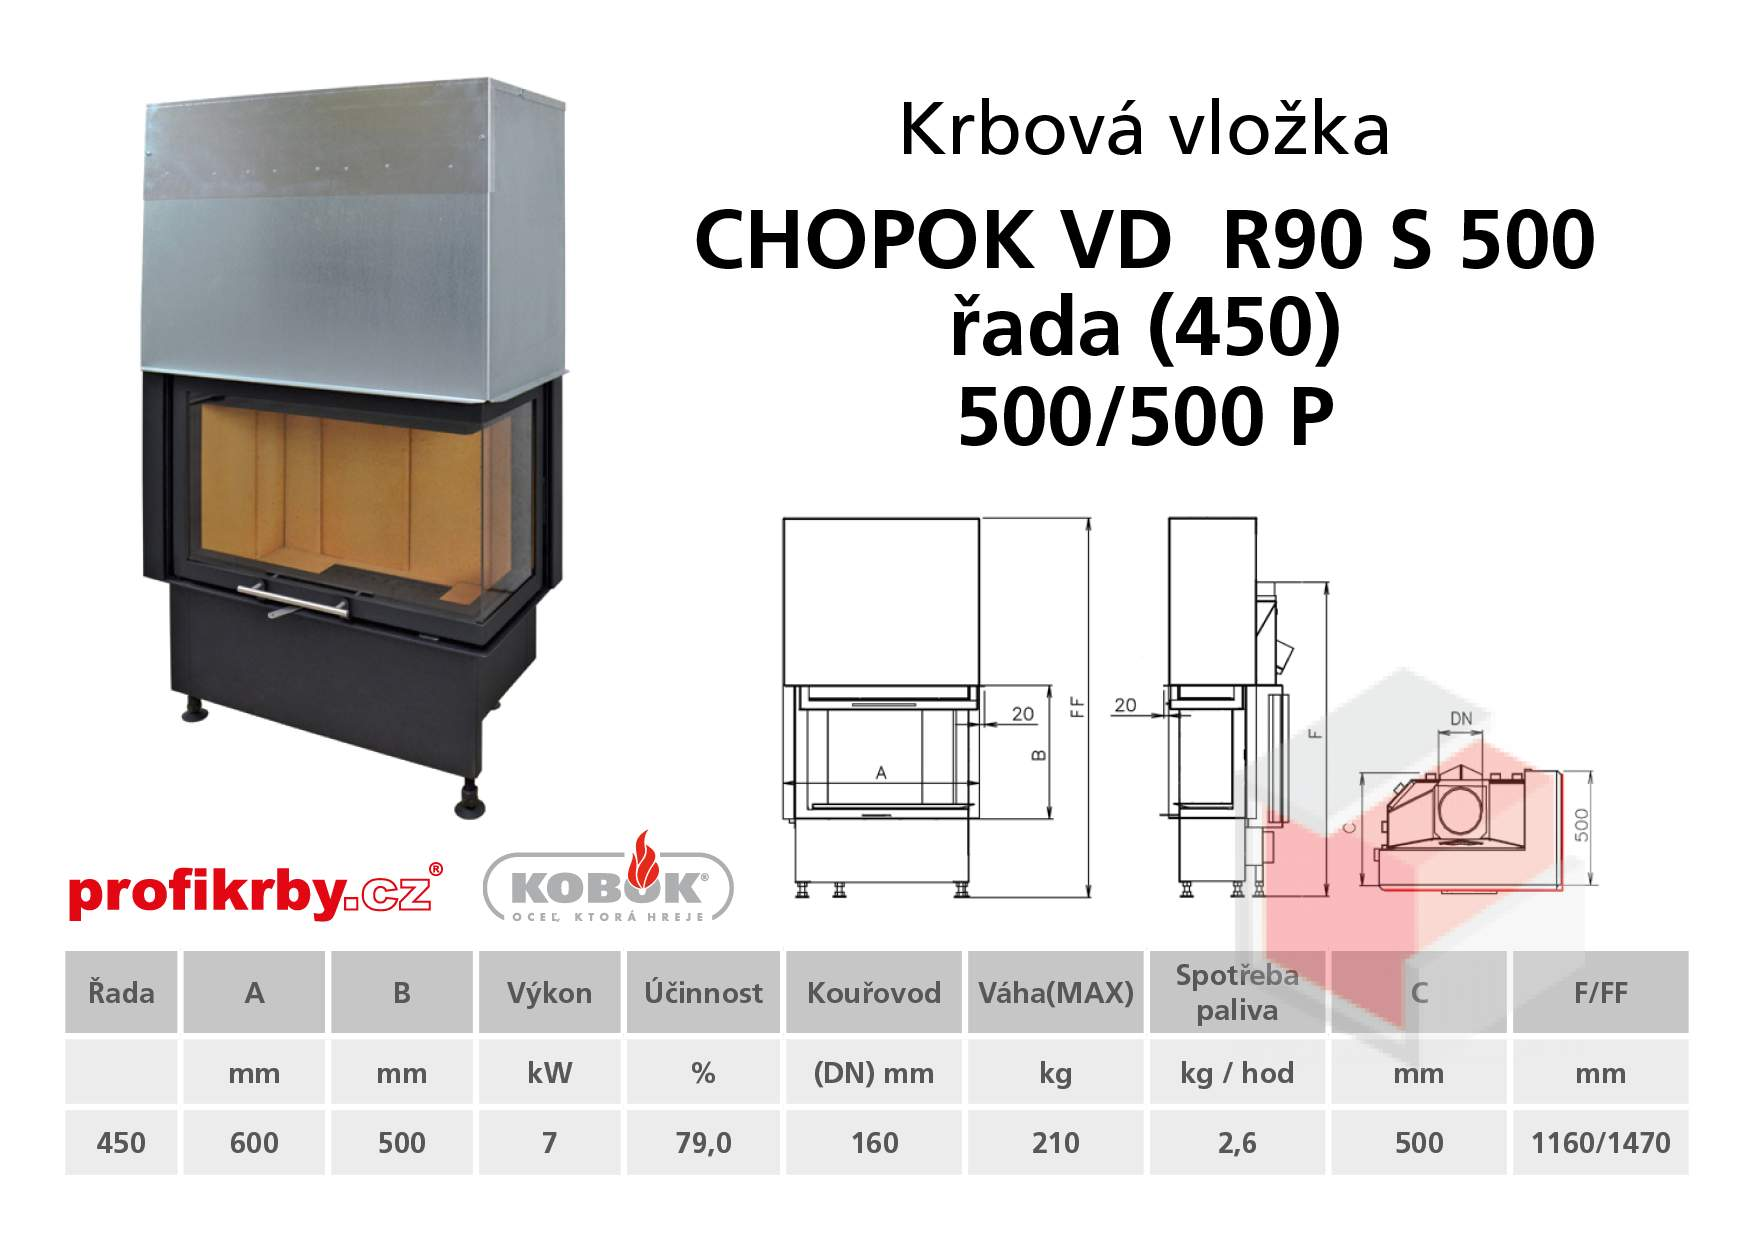 Krbová vložka CHOPOK VD R90Sx450 (500) 450 (500) 500 - Rohová -